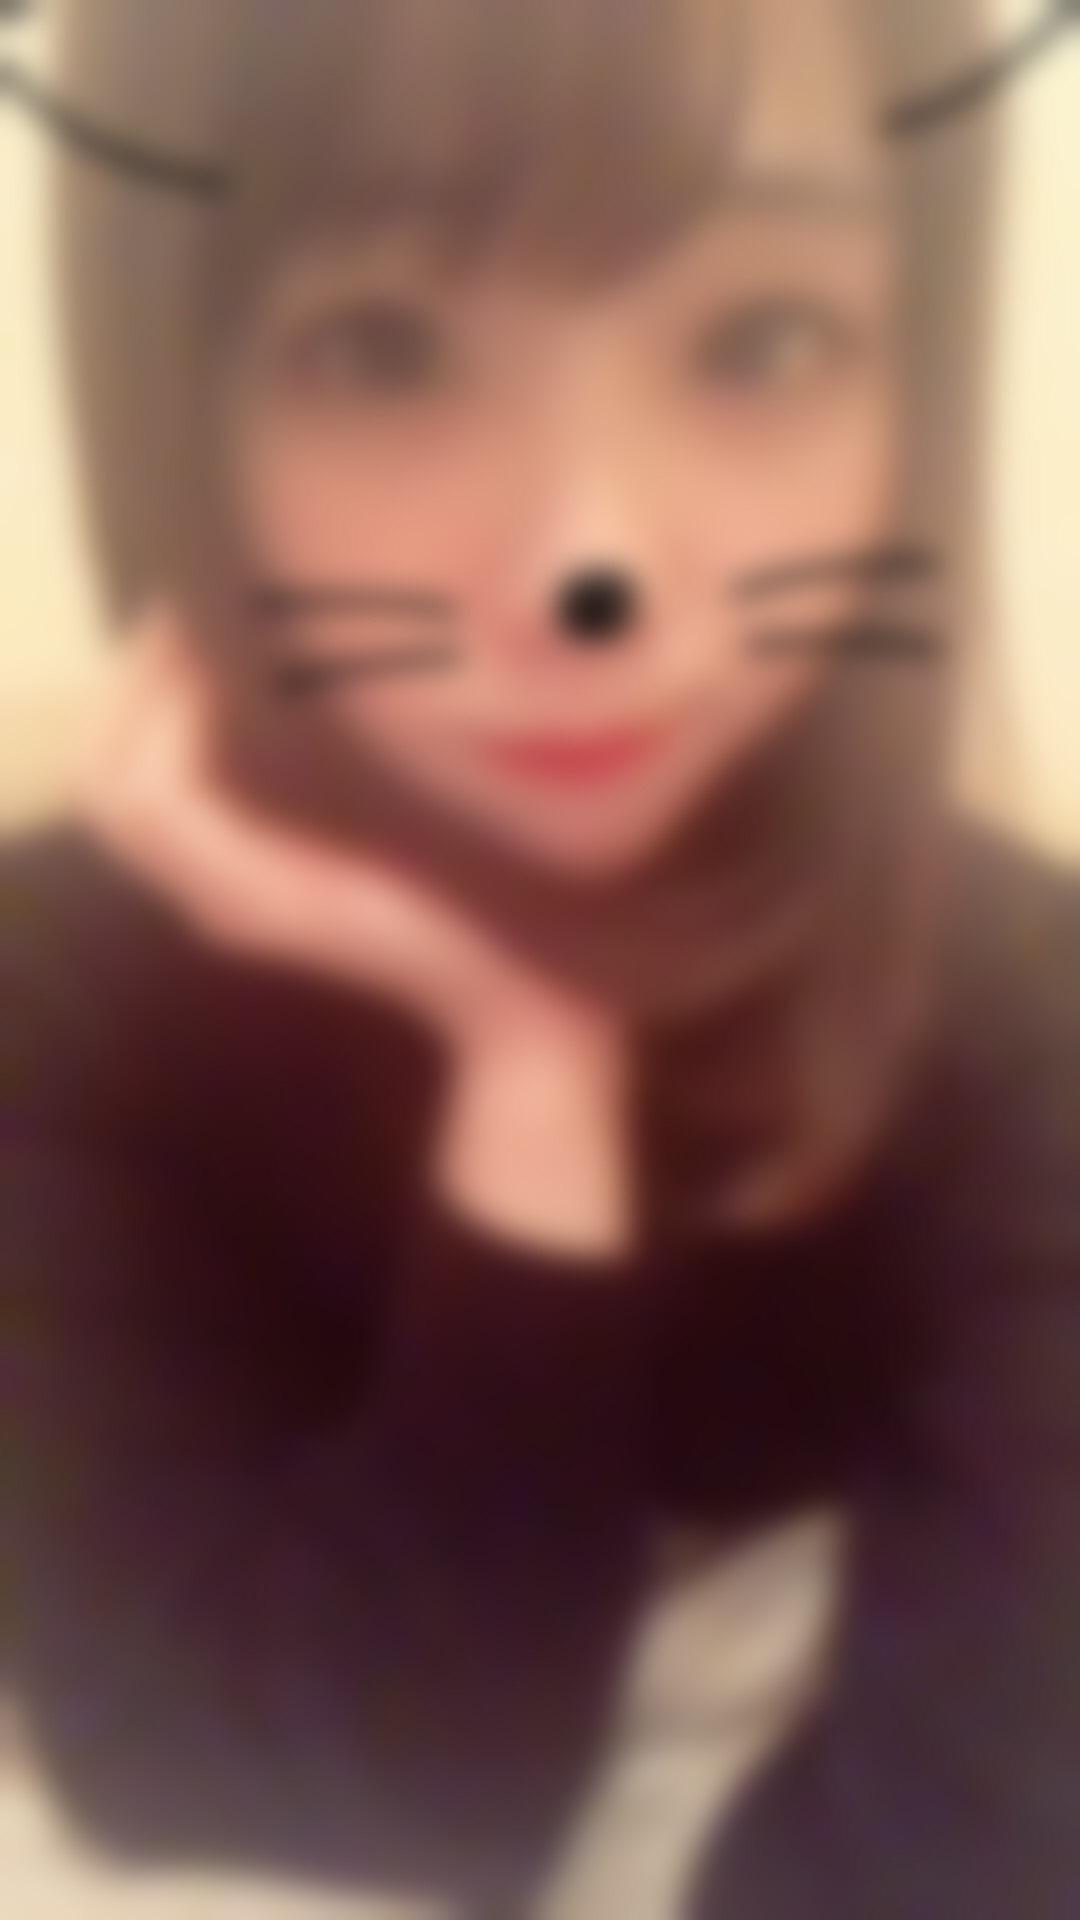 「おはようございます〜」12/13日(木) 07:06   りほ まさに衝撃の写メ・風俗動画